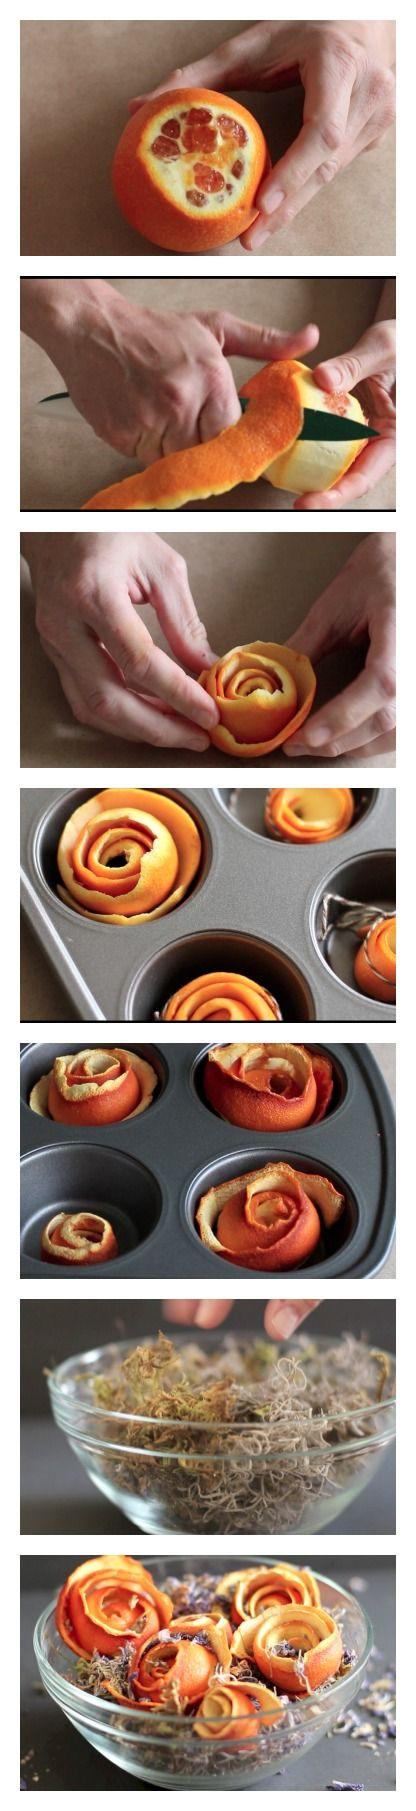 Citrus Roses Collage.jpg